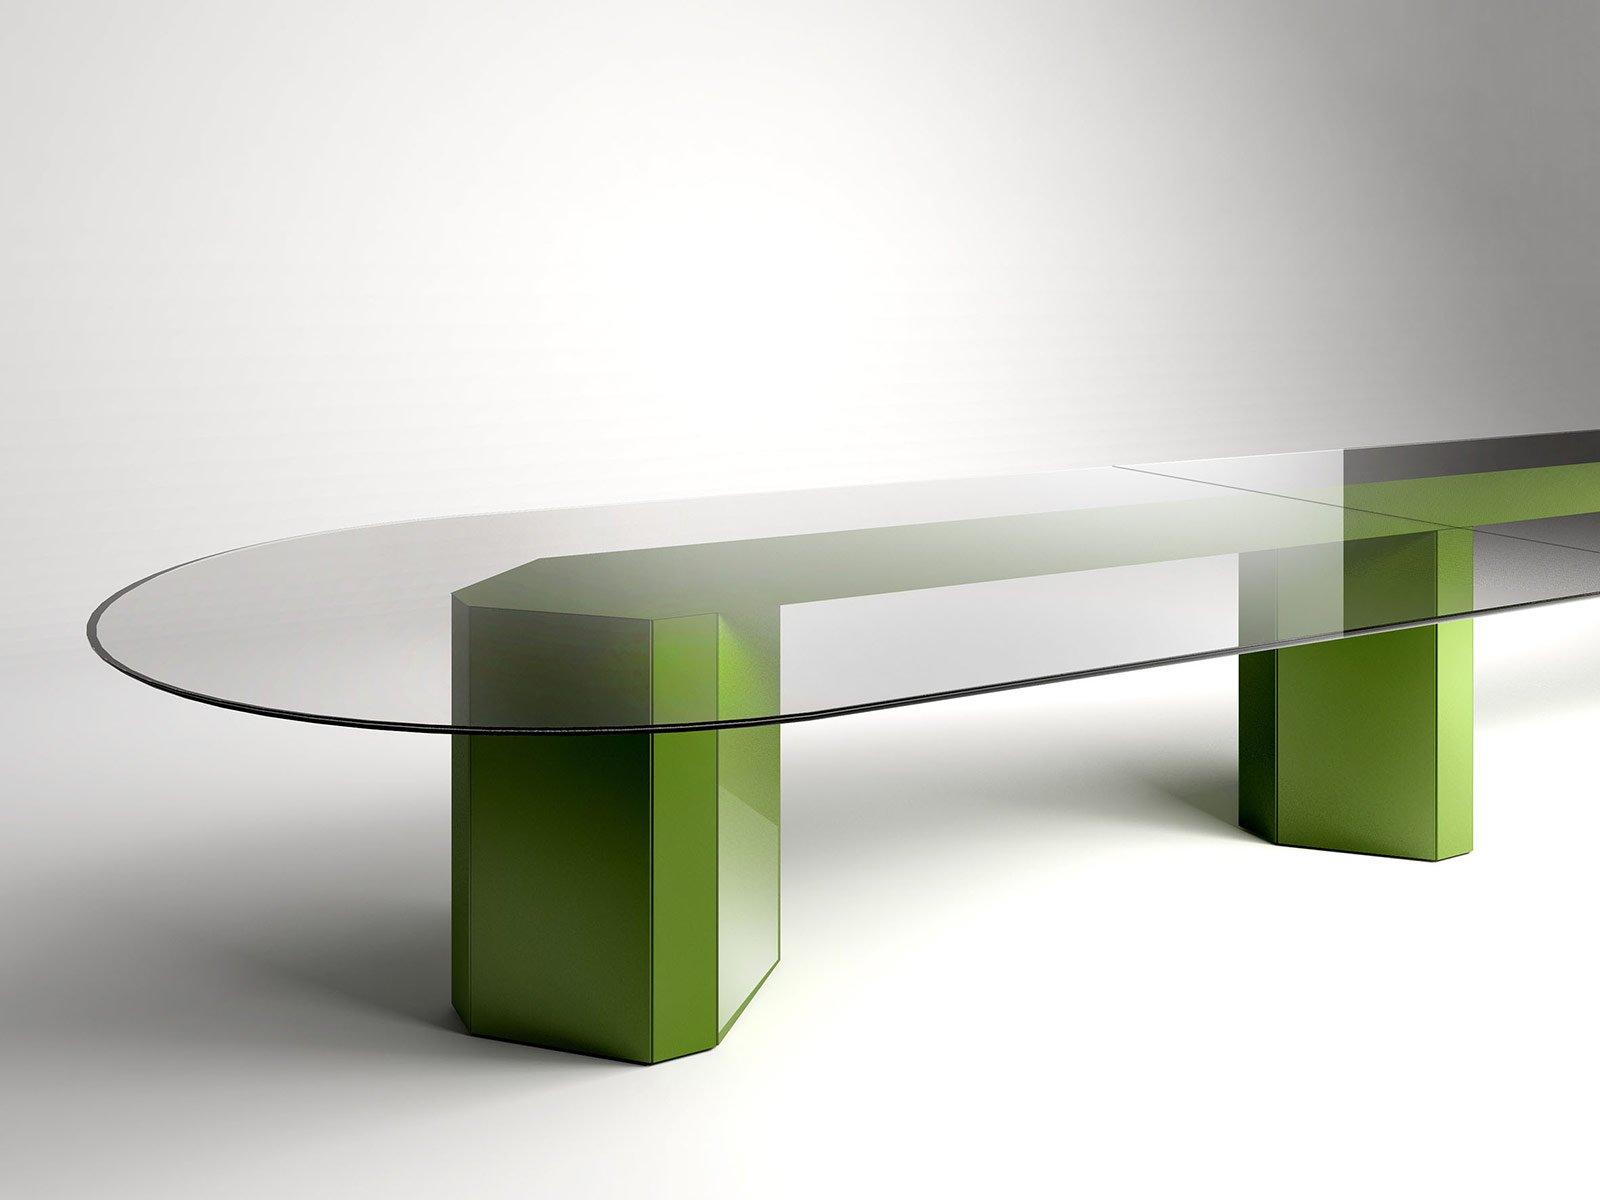 Salone del mobile 2014 il tavolo giovane si veste di - Gallotti e radice tavoli ...